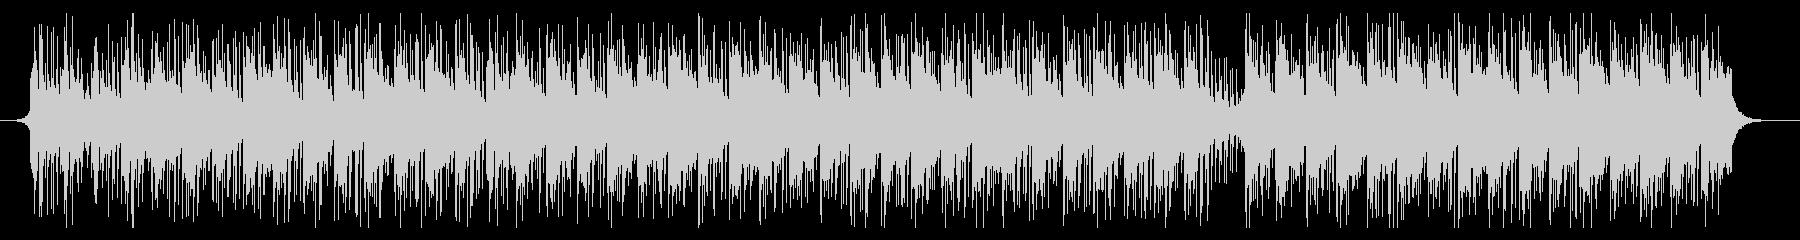 Medical Music's unreproduced waveform